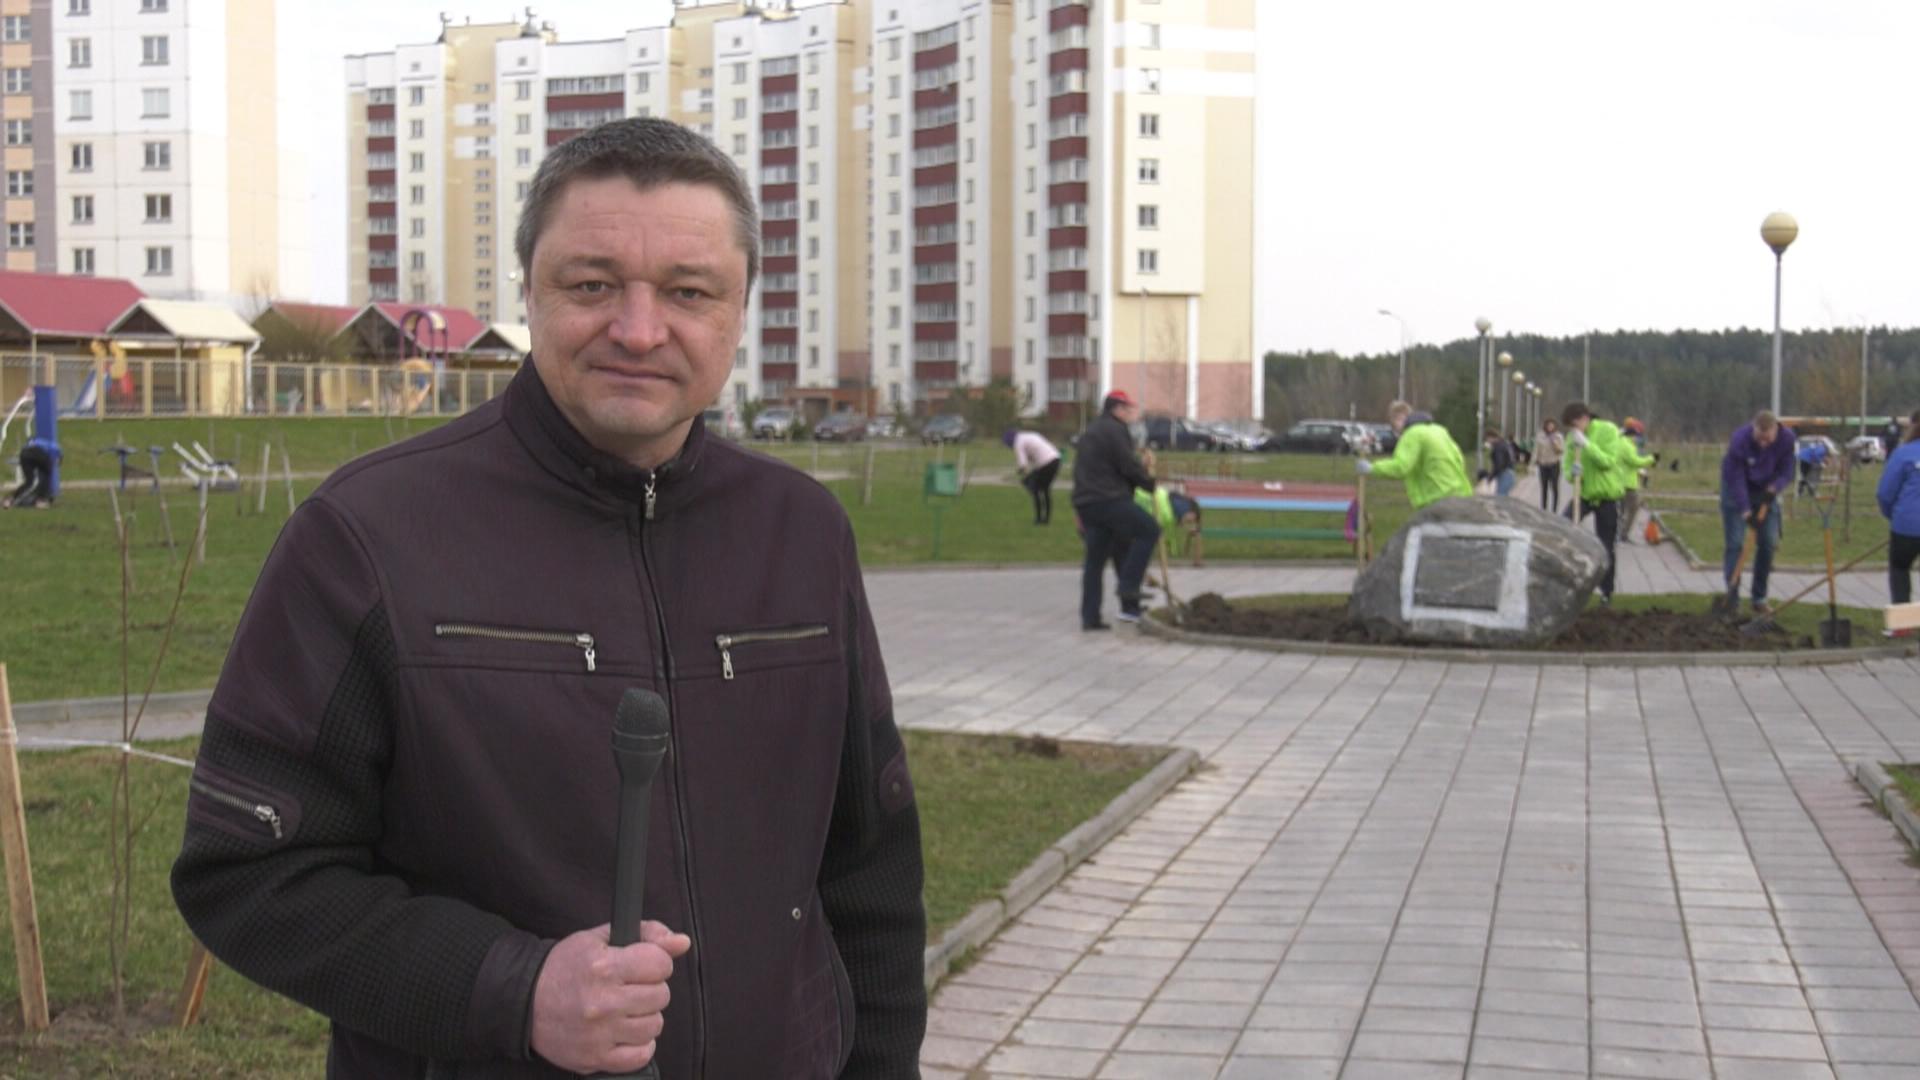 subbotnik - Республиканский субботник в Витебске. Как это было? (видео)